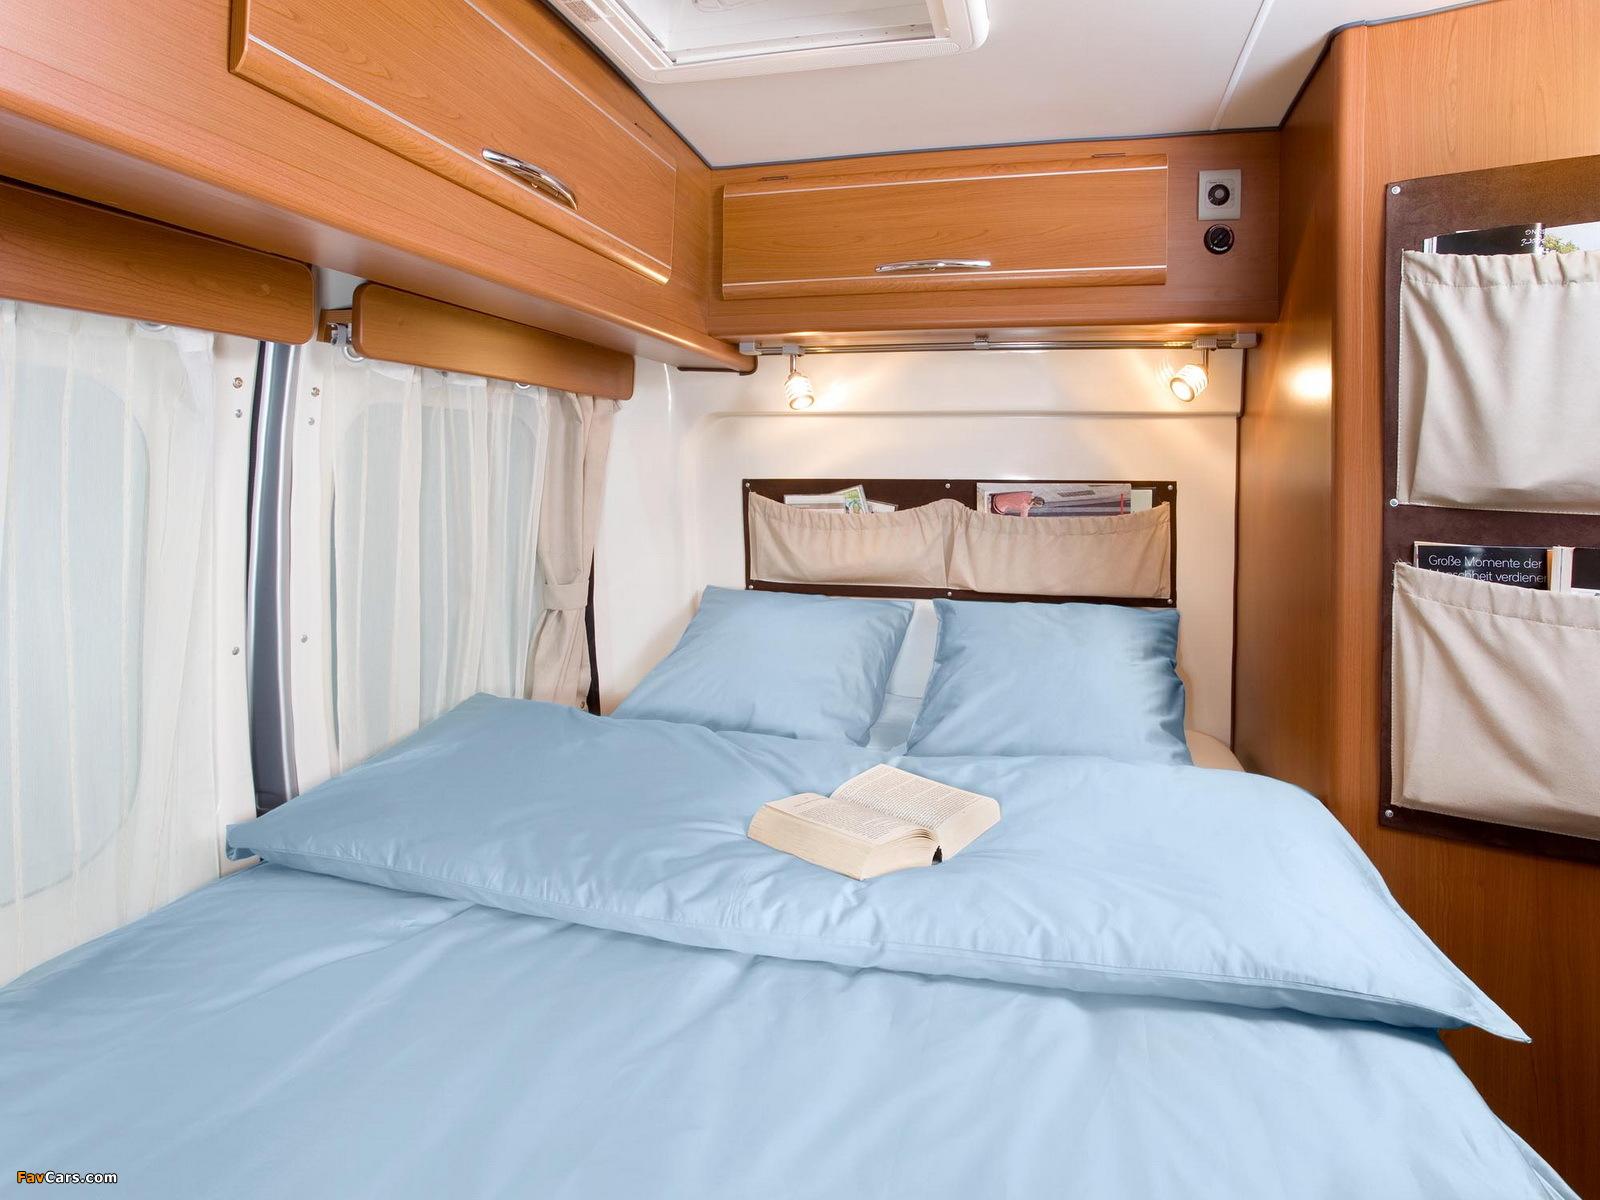 karmann mobil dexter 550 2012 pictures 1600x1200. Black Bedroom Furniture Sets. Home Design Ideas